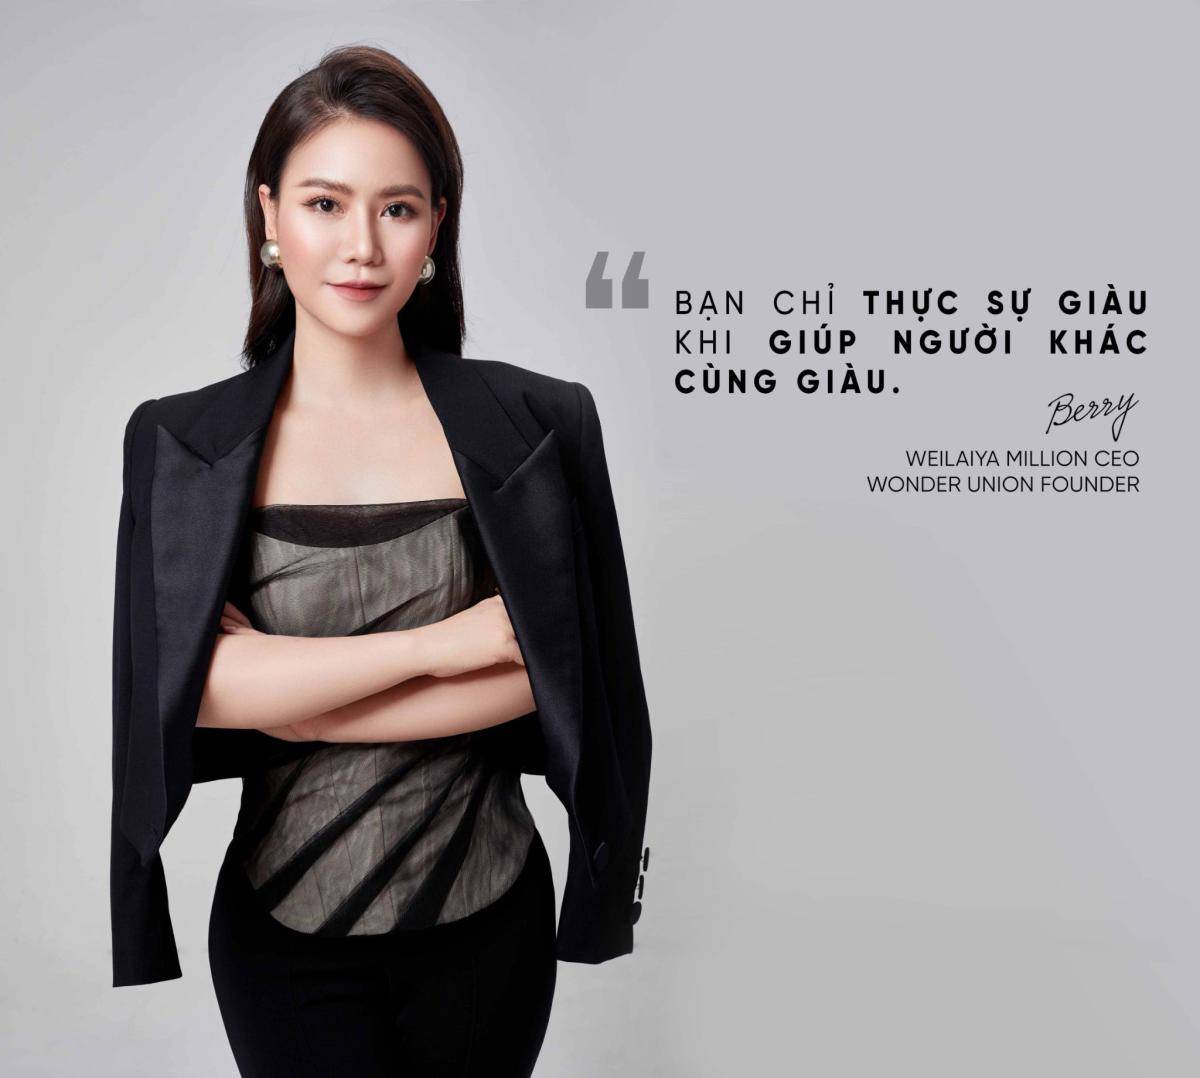 Nguyễn Diệu Linh (Linh Berry) - Người đưa thương hiệu mỹ phẩm Weilaiya về Việt Nam.